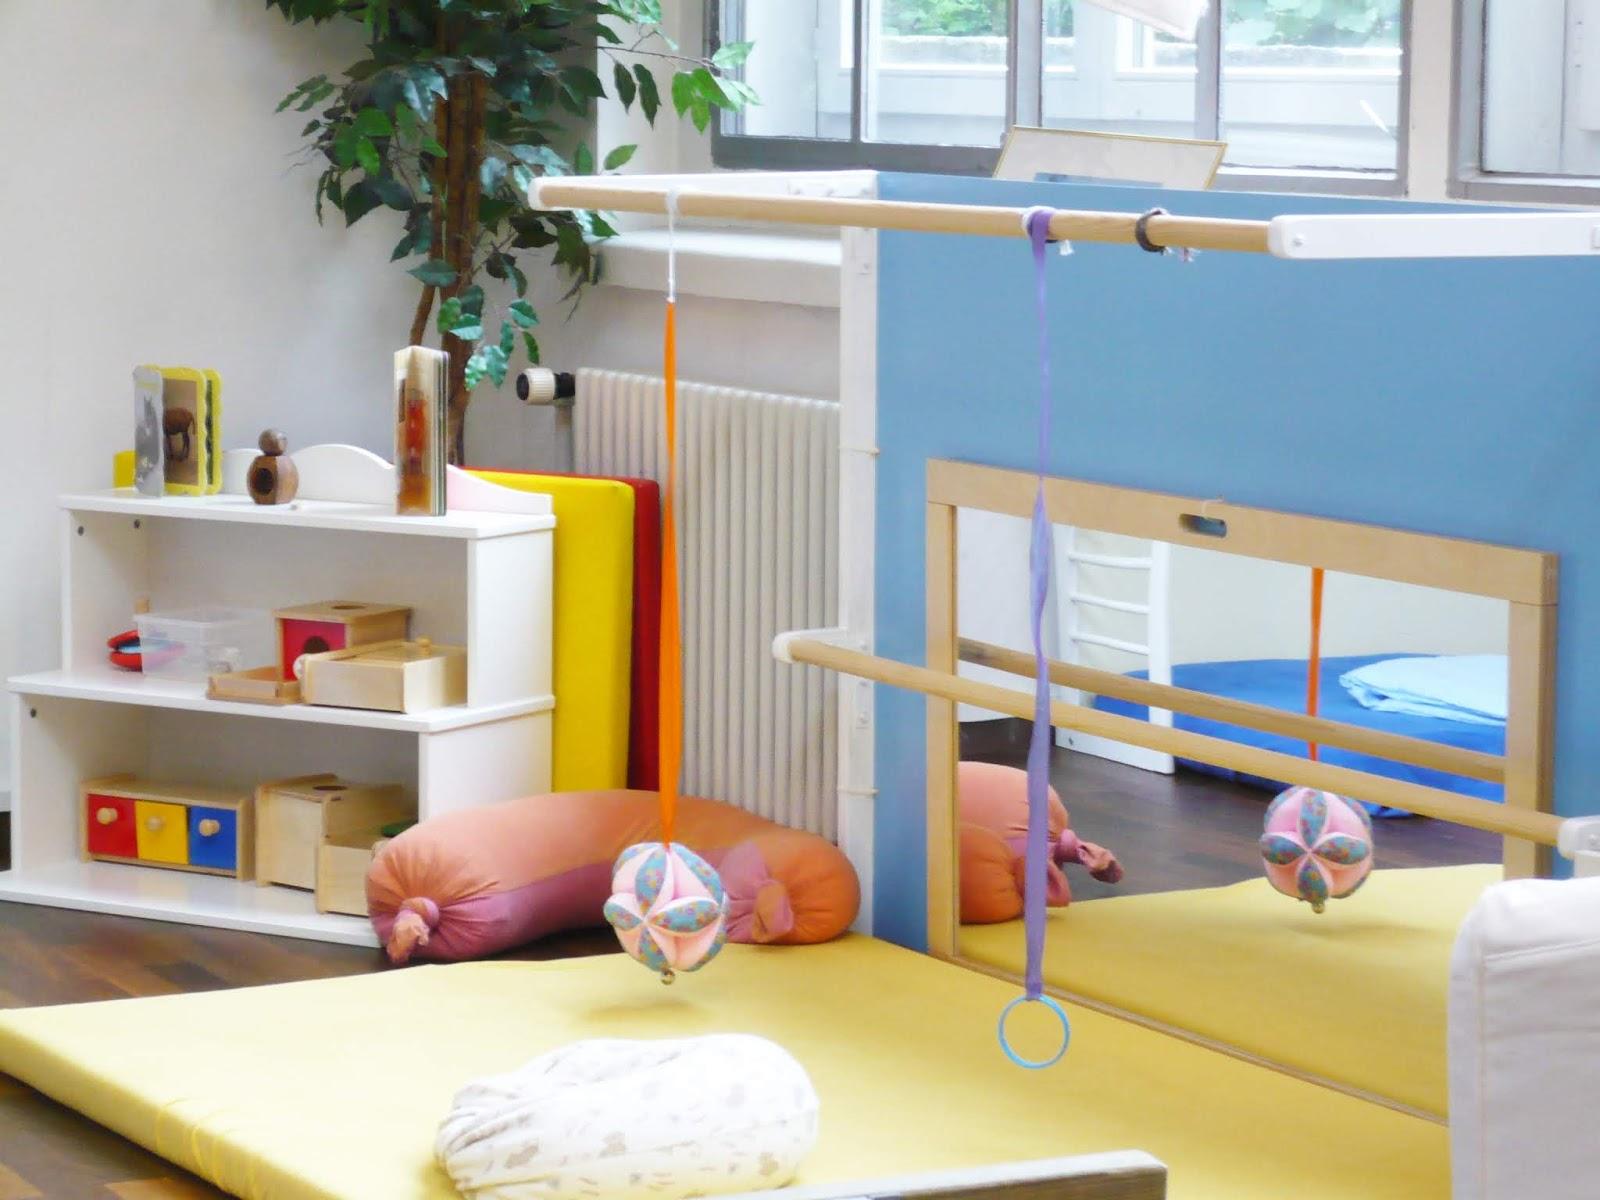 como decorar habitacion infantil montessori con espejo y colchón en el suelo